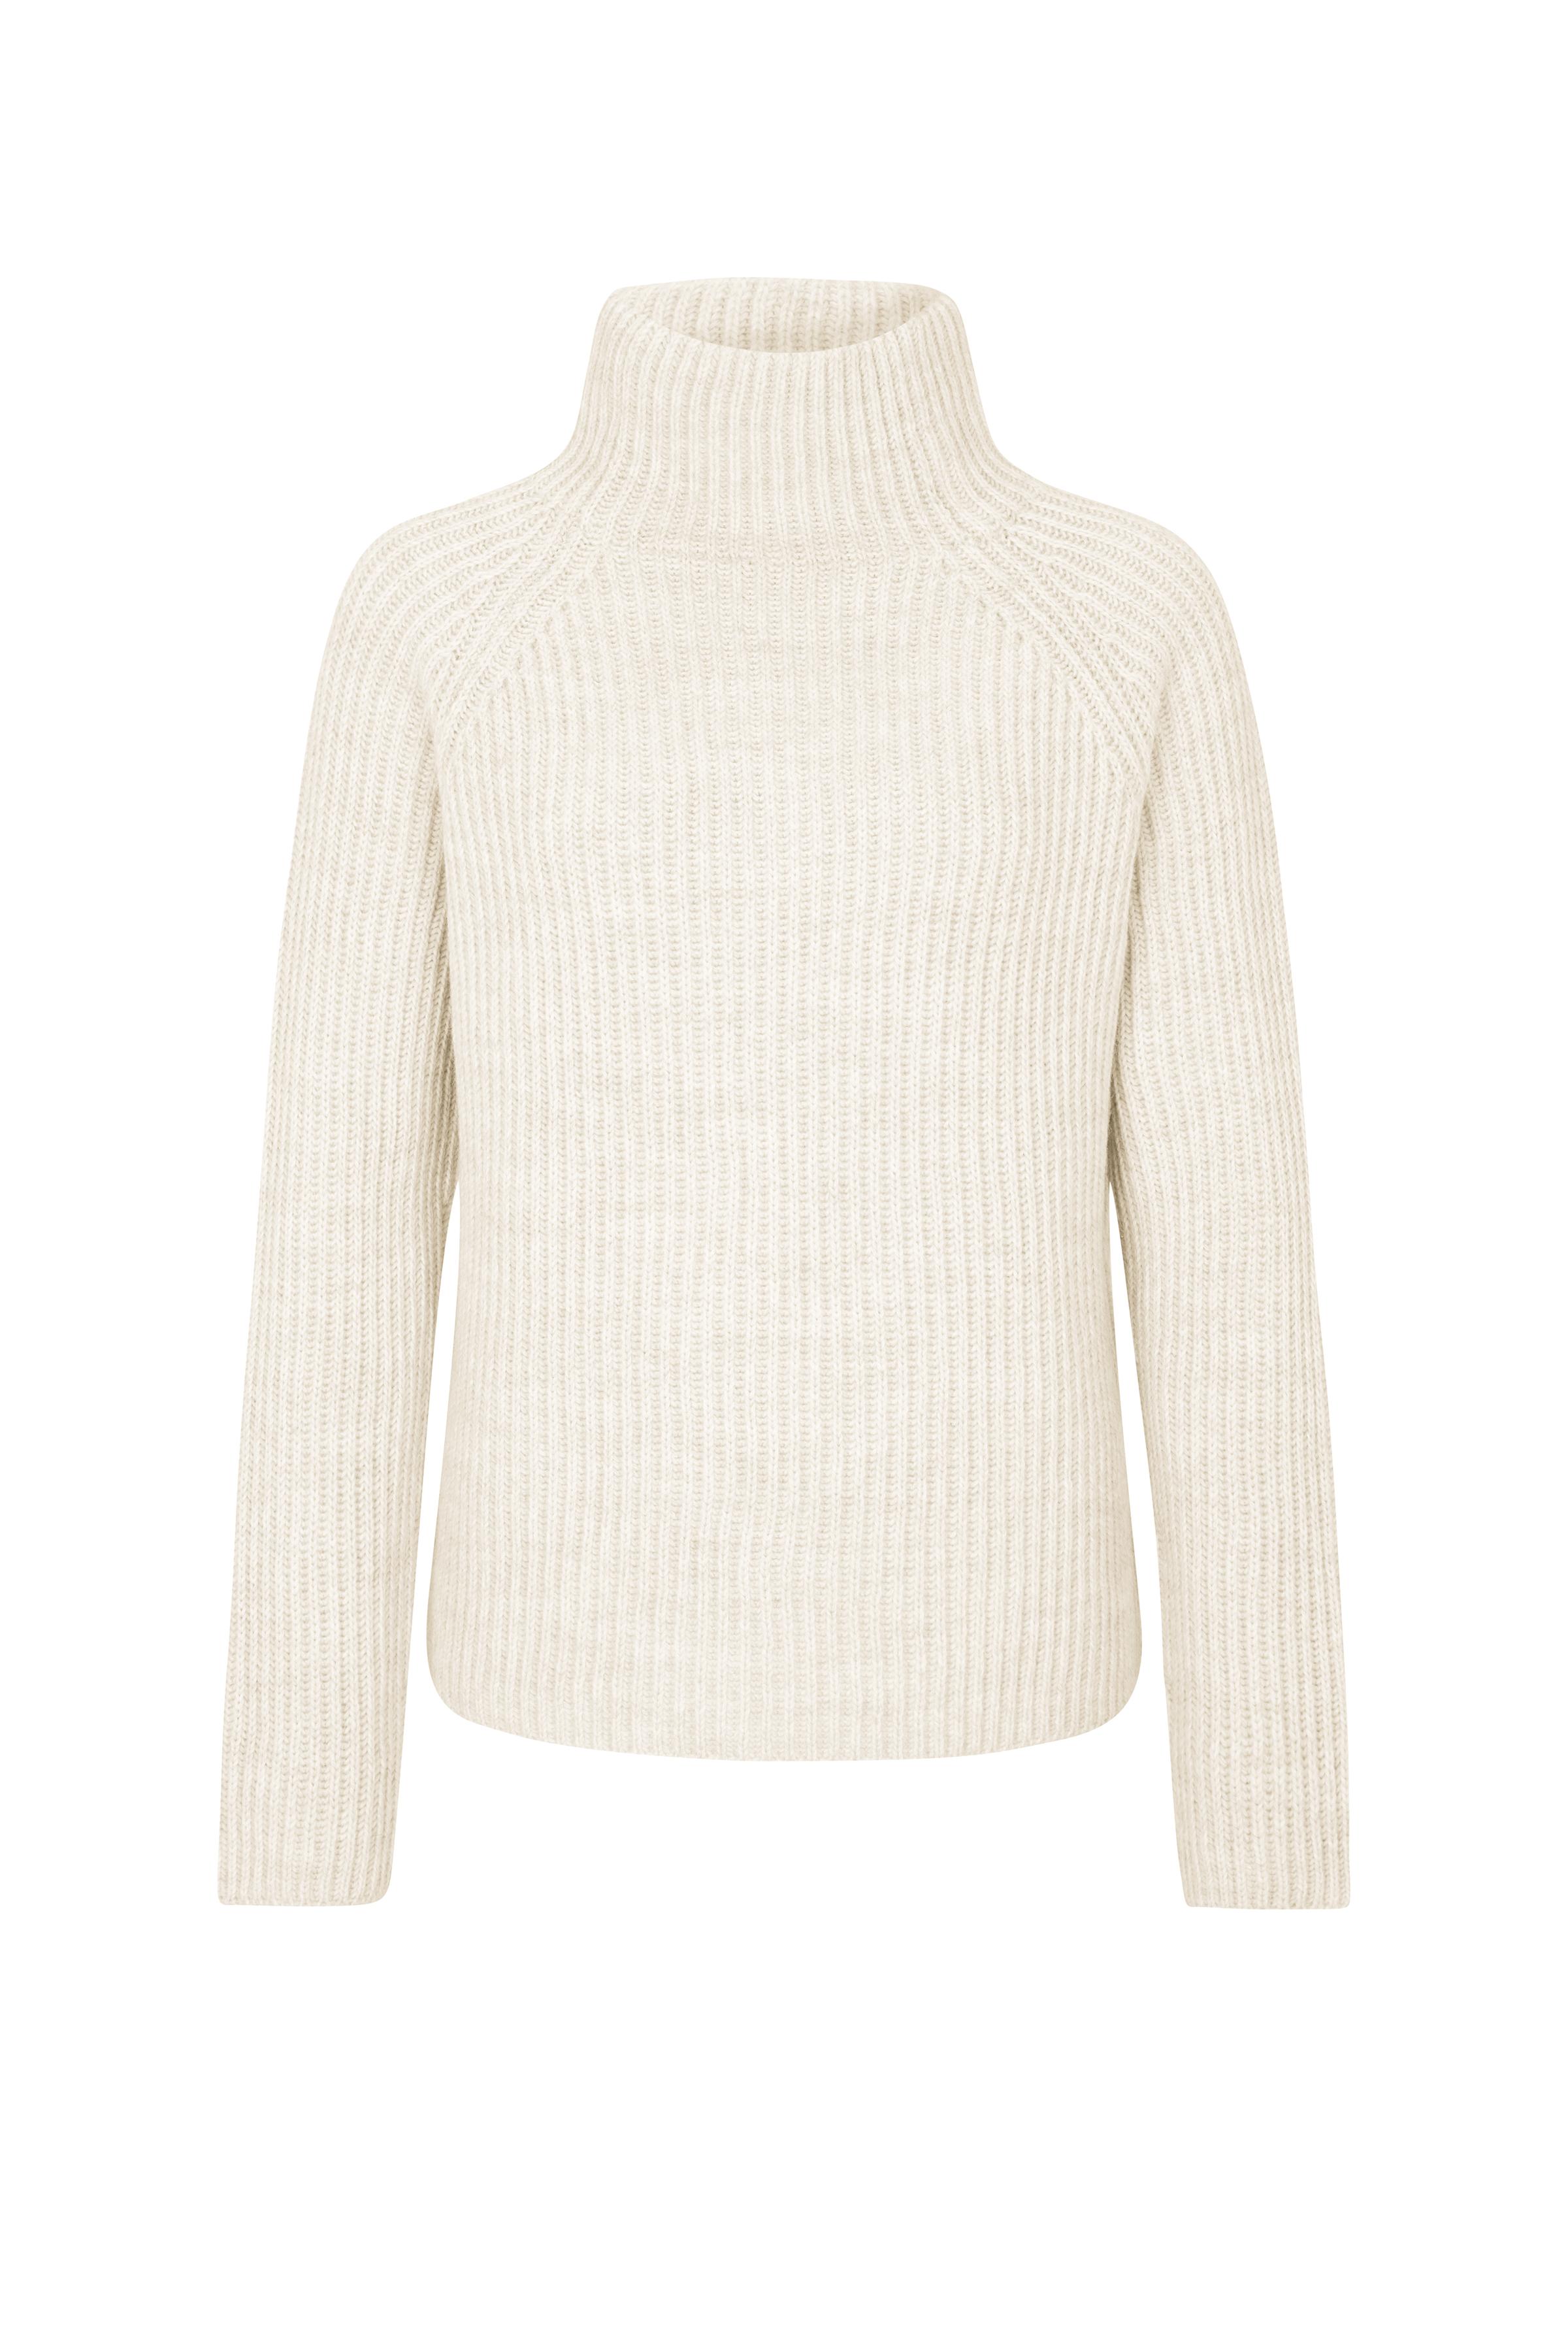 ARWEN Pullover